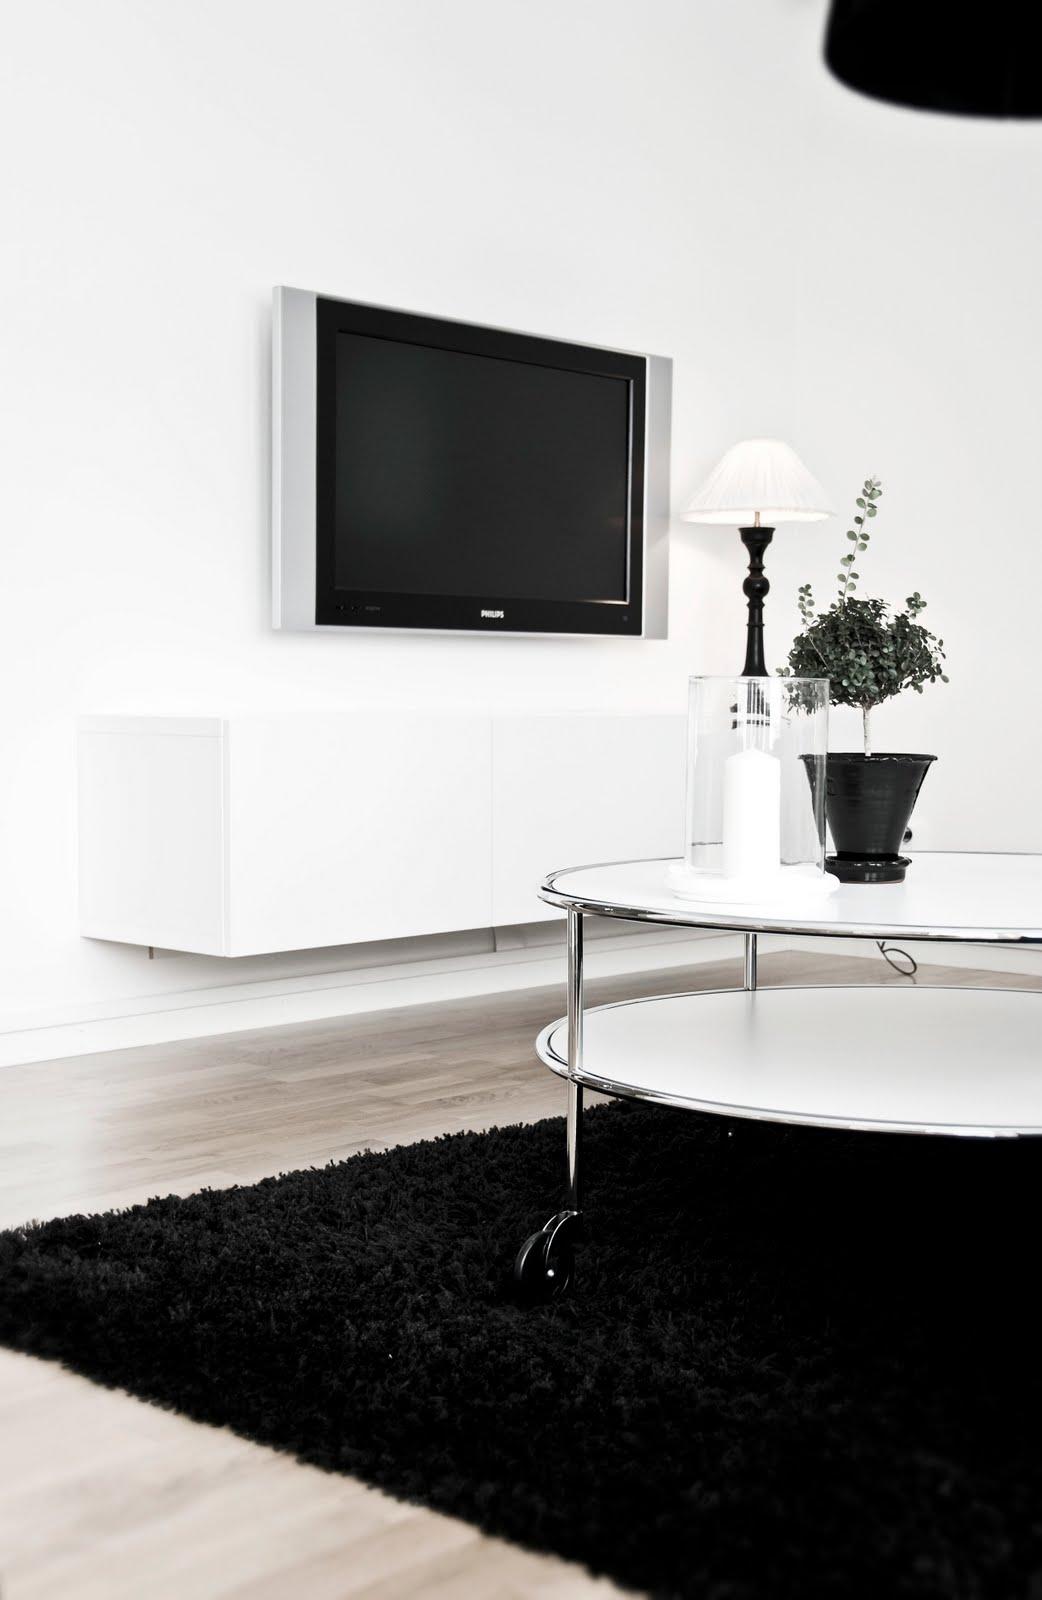 Mitt vita hus: hos oss i vardagsrummet